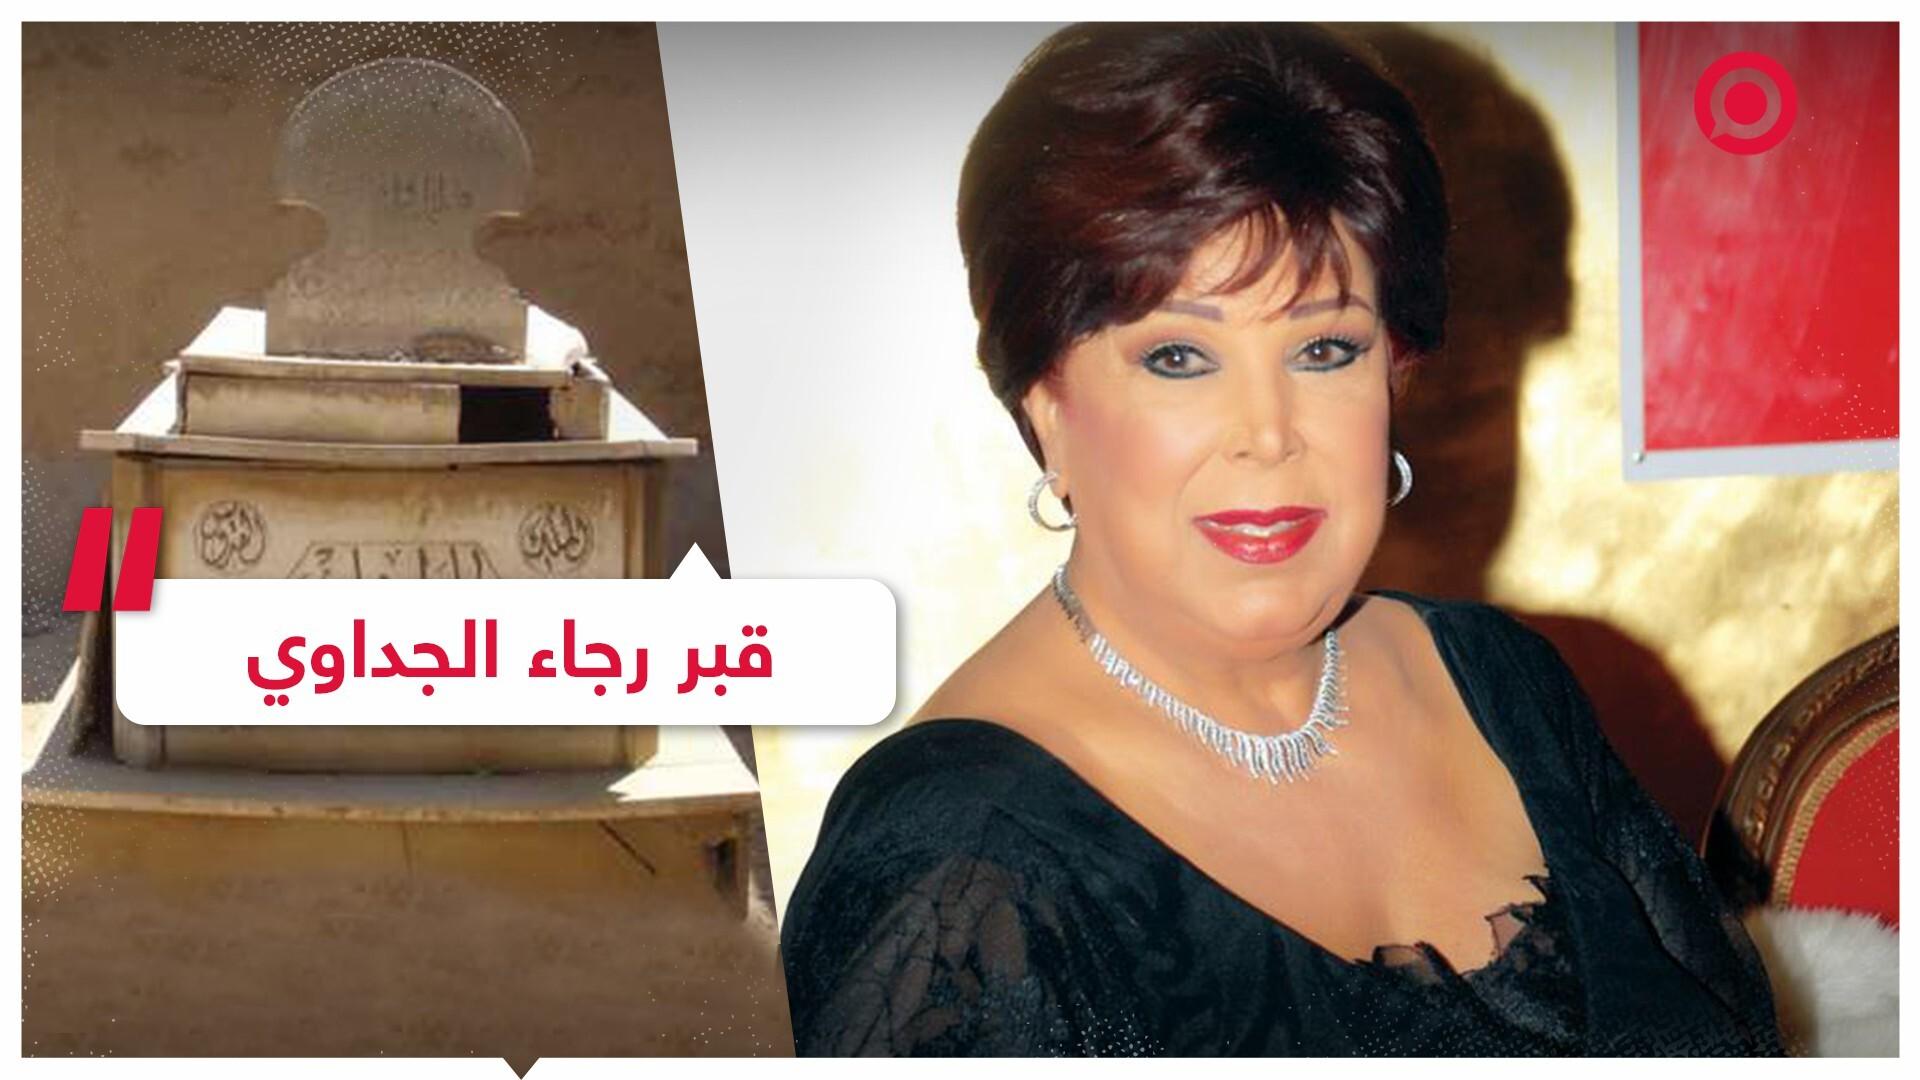 جدل في مصر حول ما حدث في قبر الفنانة الراحلة رجاء الجداوي وابنتها ترد